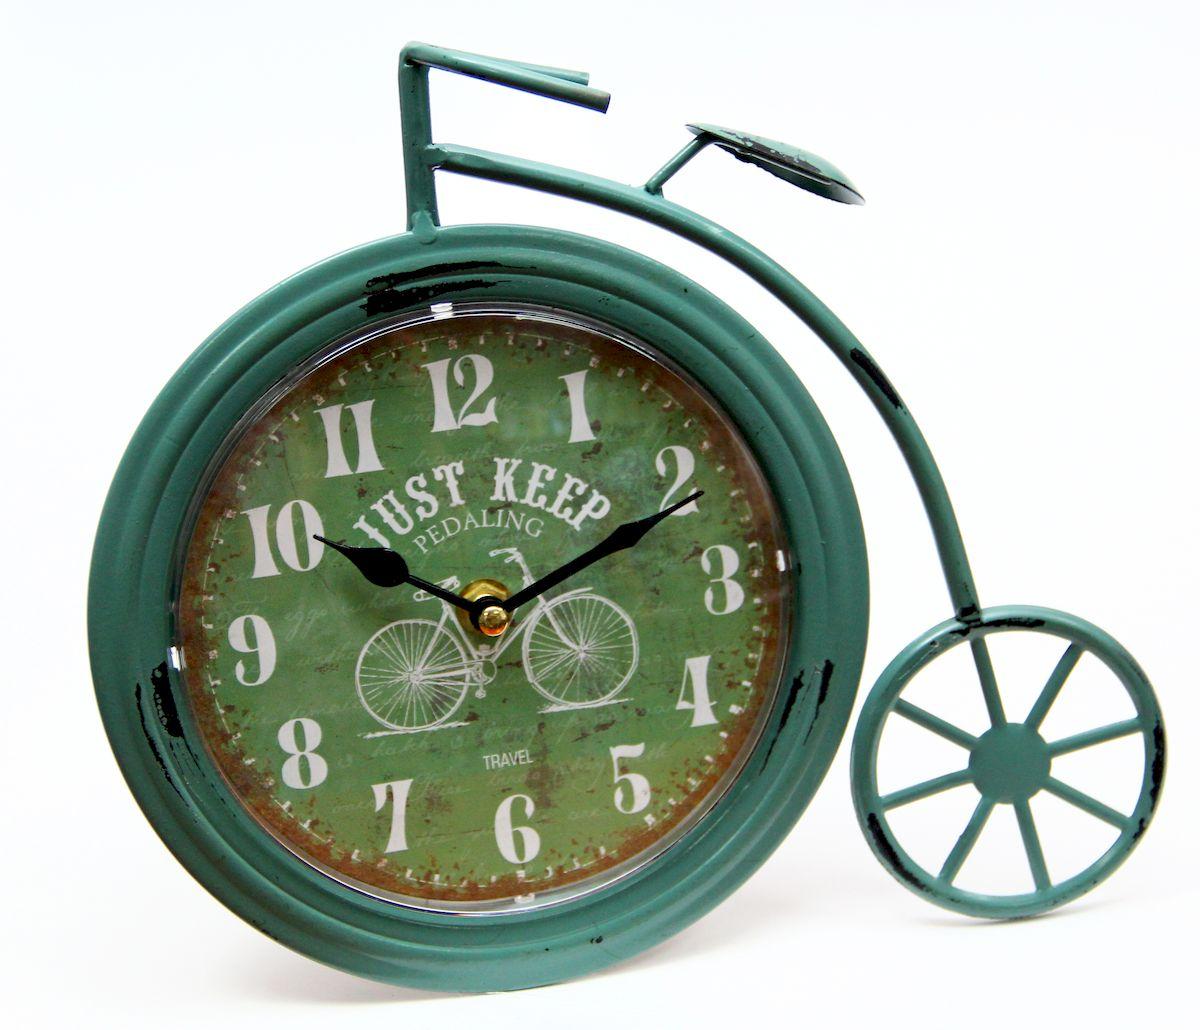 Часы настольные Magic Home Ретро Велосипед, кварцевые, цвет: зеленый41501Настольные кварцевые часы Magic Home Ретро Велосипед изготовлены из металла, циферблат с покрытием из принтованной бумаги. Настольные часы Magic Home Ретро Велосипед прекрасно оформят интерьер дома или рабочий стол в офисе. Часы работают от одной батарейки типа АА мощностью 1,5V (не входит в комплект).